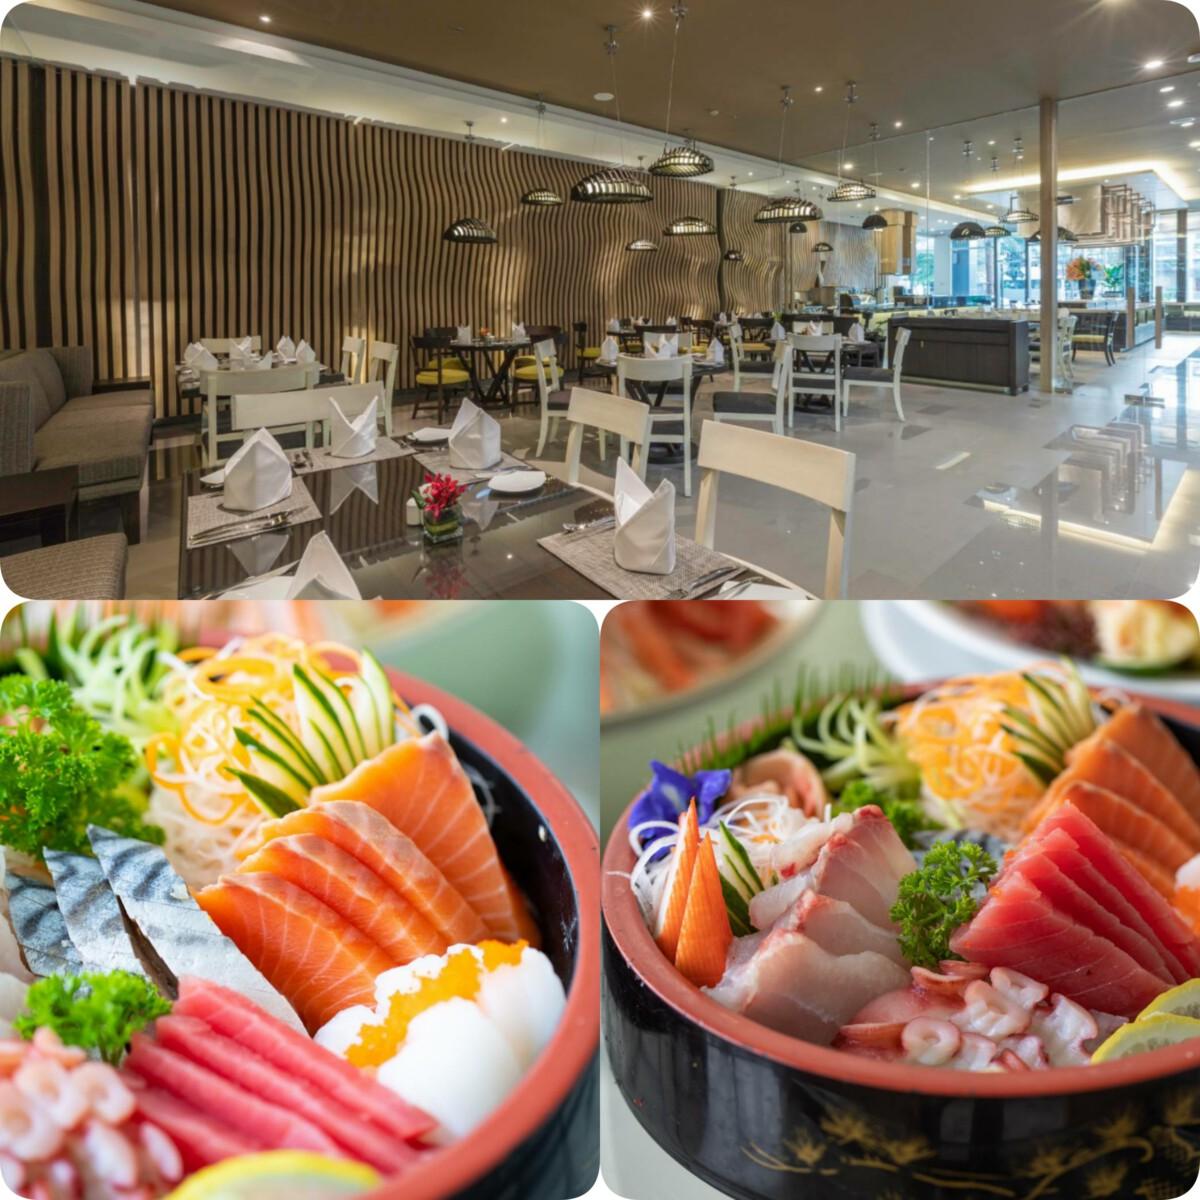 """เทศกาล""""บุฟเฟ่ต์อาหารญี่ปุ่น""""สุดฟิน เอาใจบุฟเฟ่ต์เลิฟเวอร์ วันที่28-30 พฤศจิกายน 2563"""